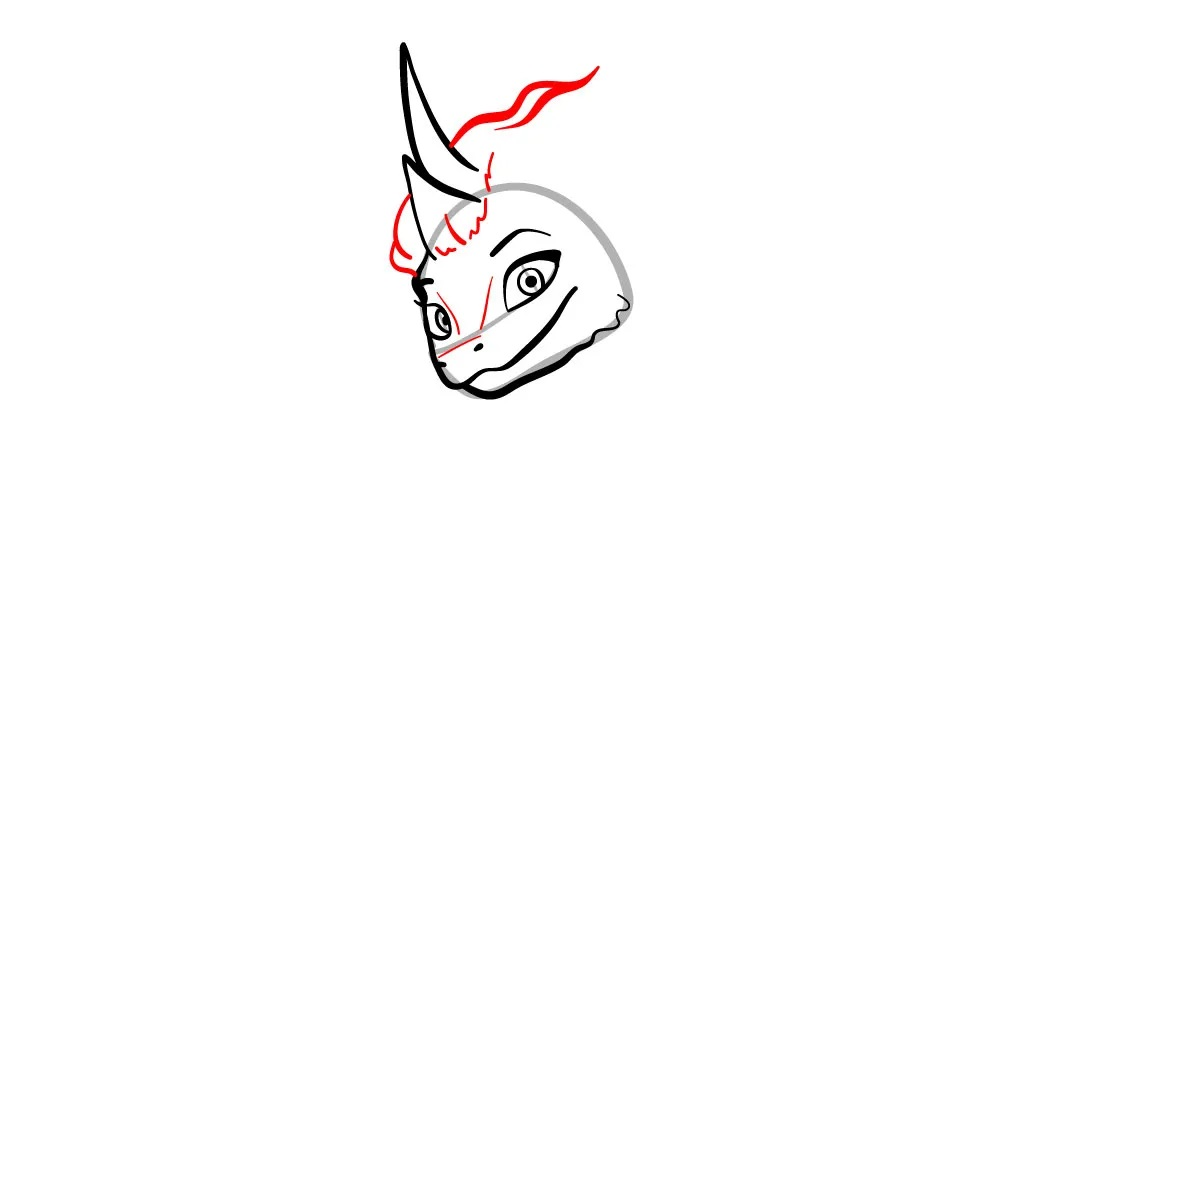 как нарисовать сису 5